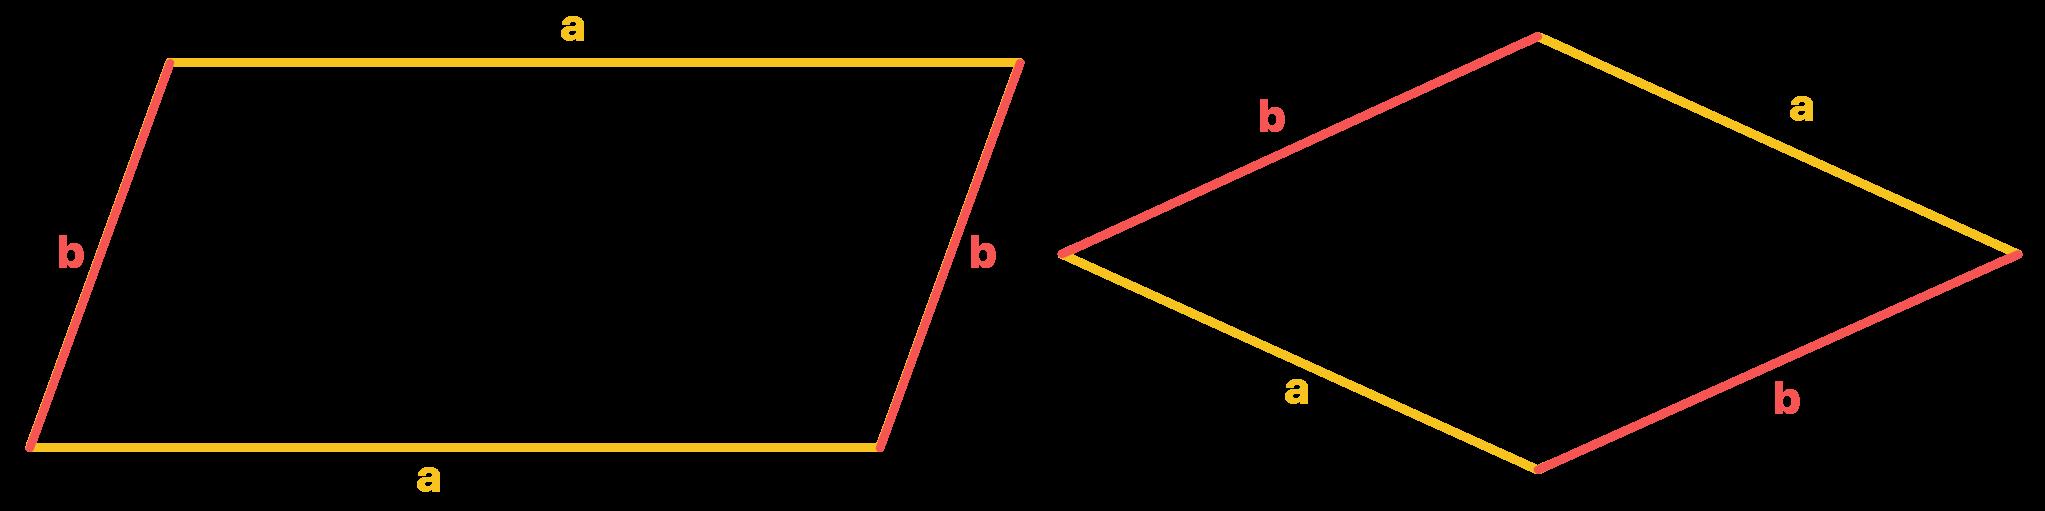 losango e paralelogramo com os lados a e b paralelos e congruentes destacados